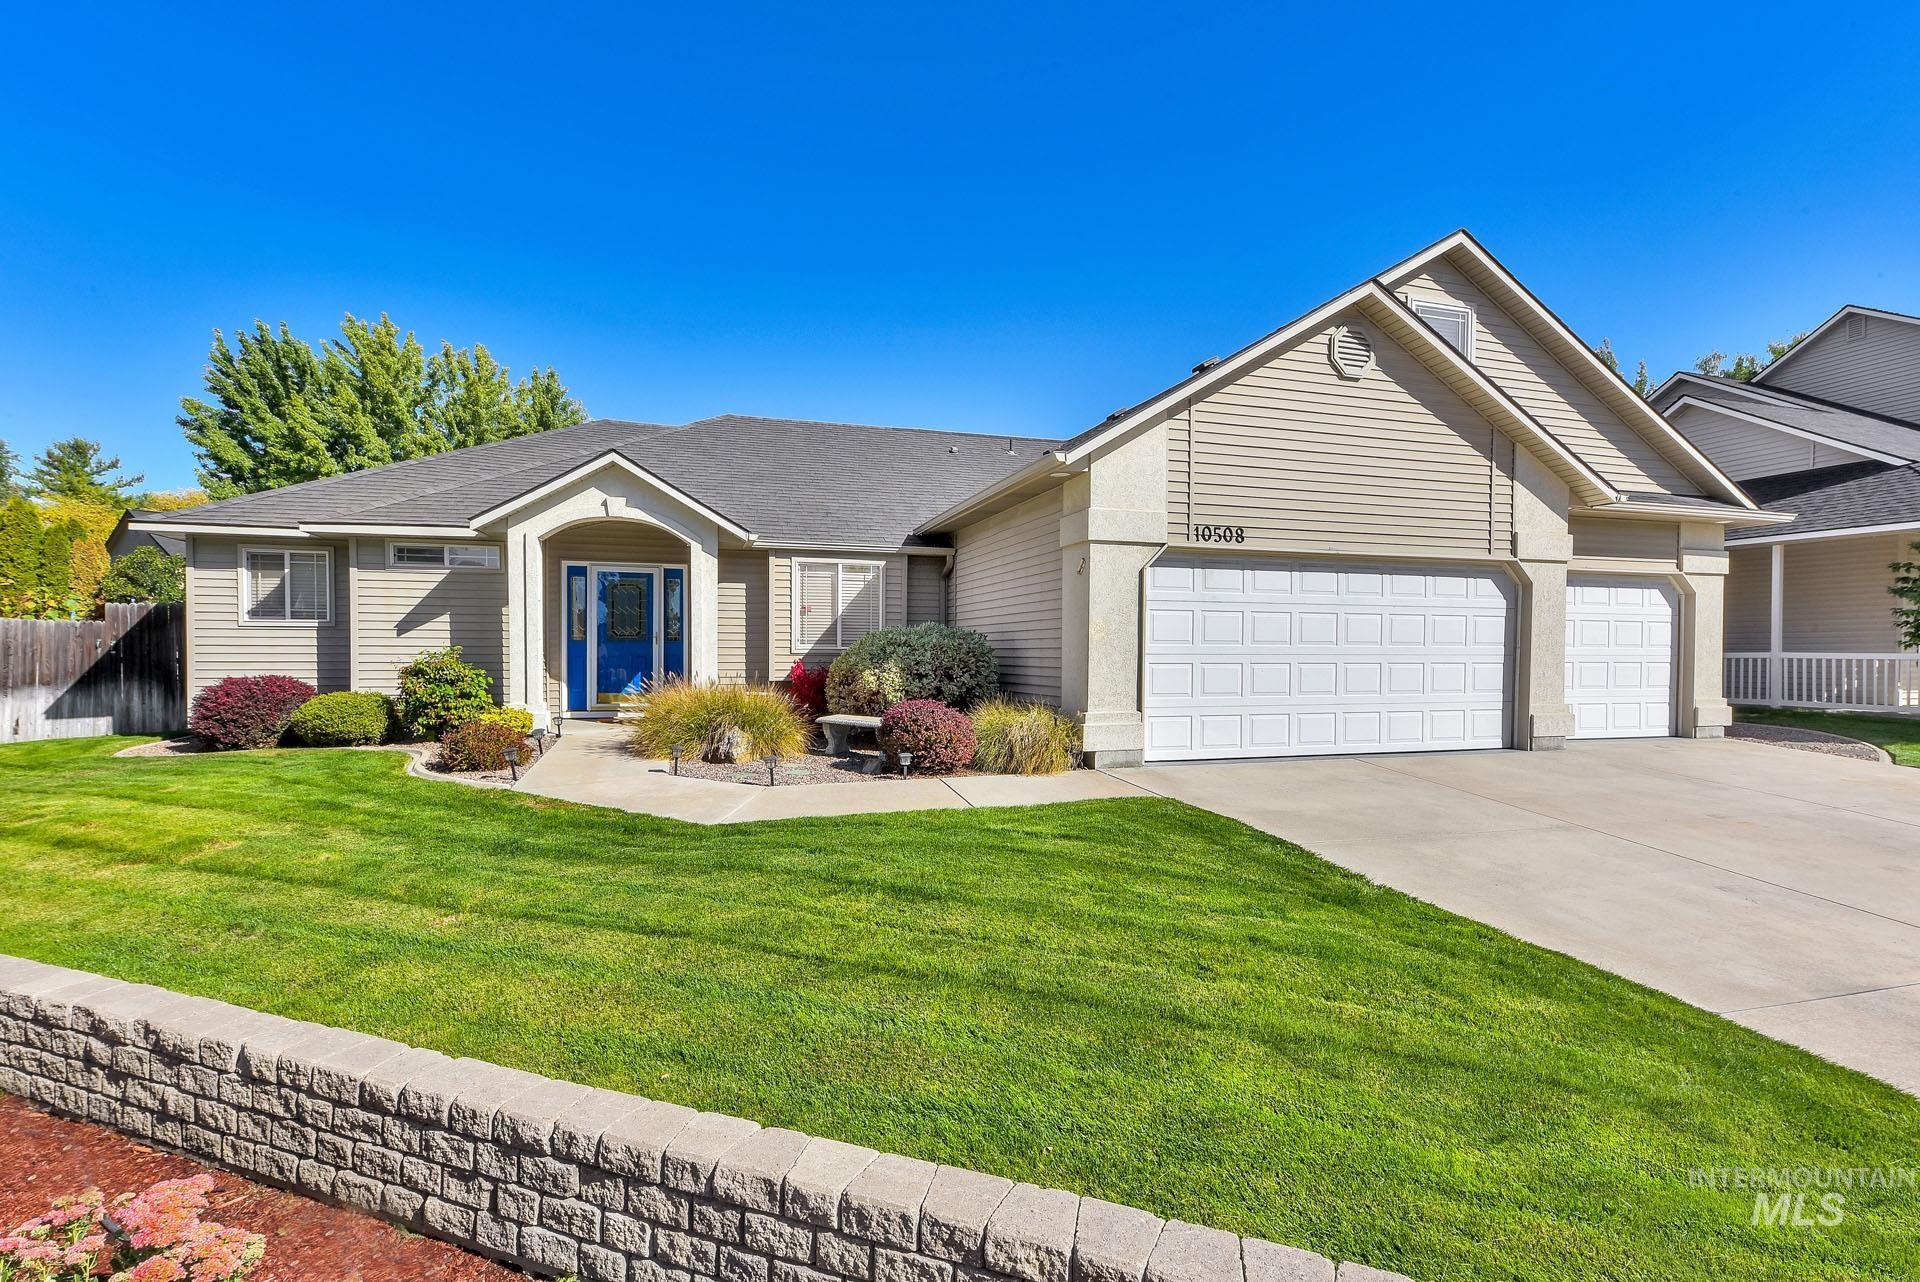 Bonita Hills Real Estate Listings Main Image